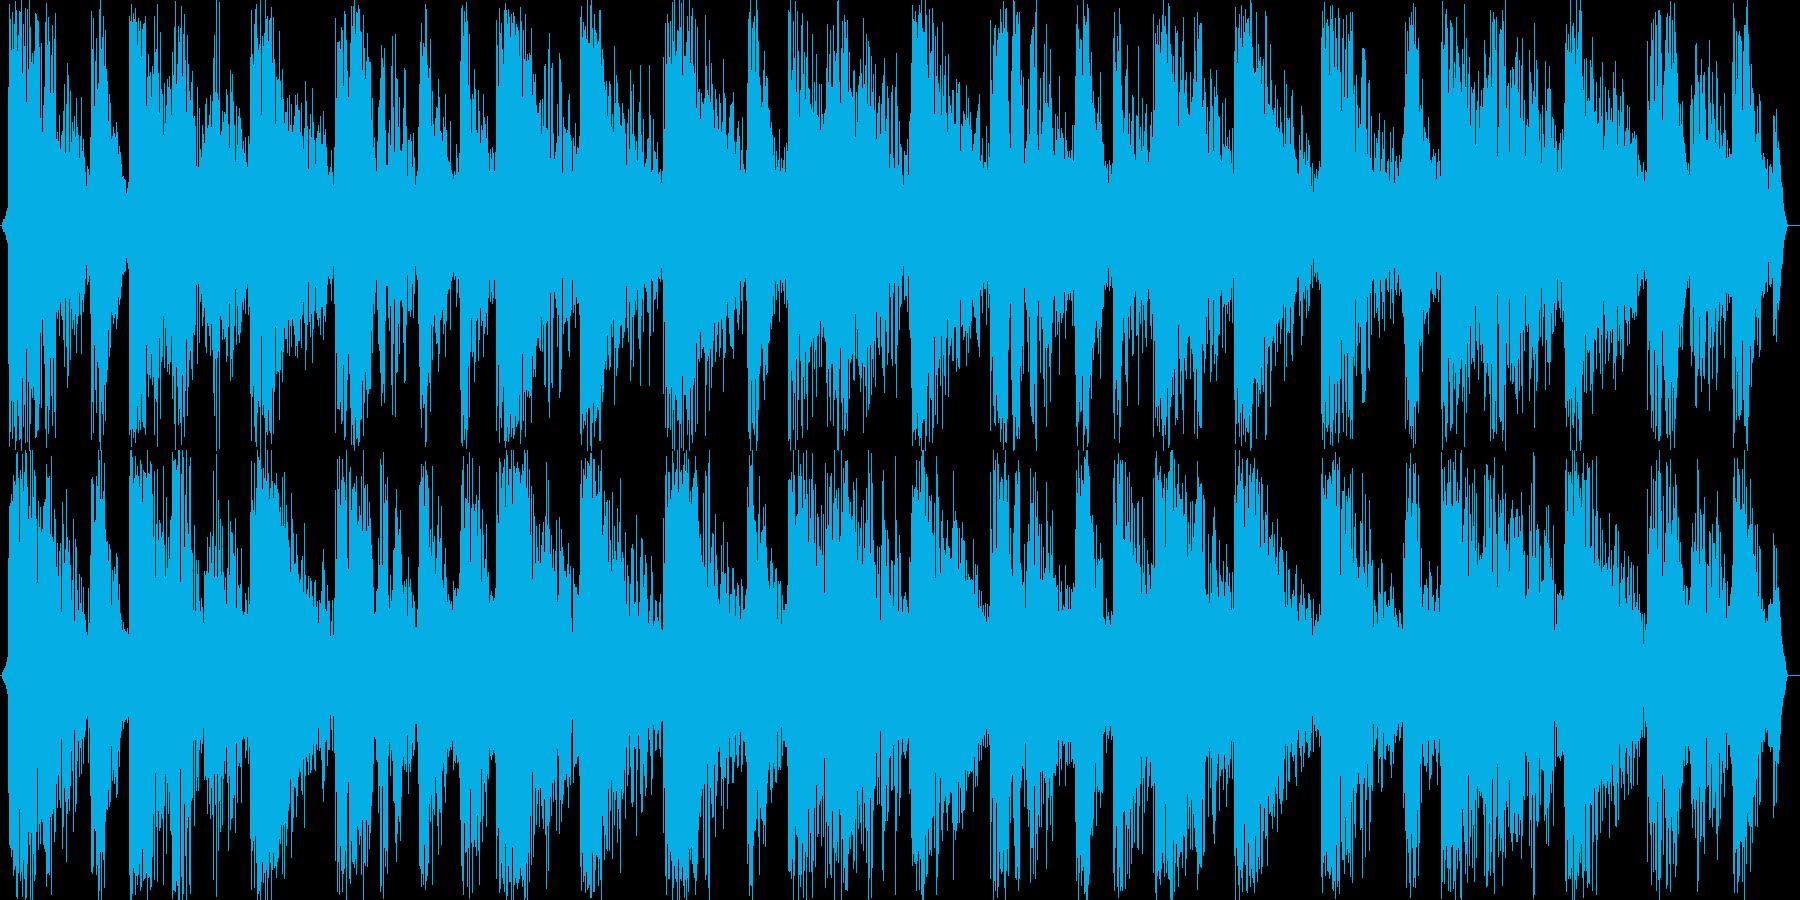 ハウスチューンな音源の再生済みの波形